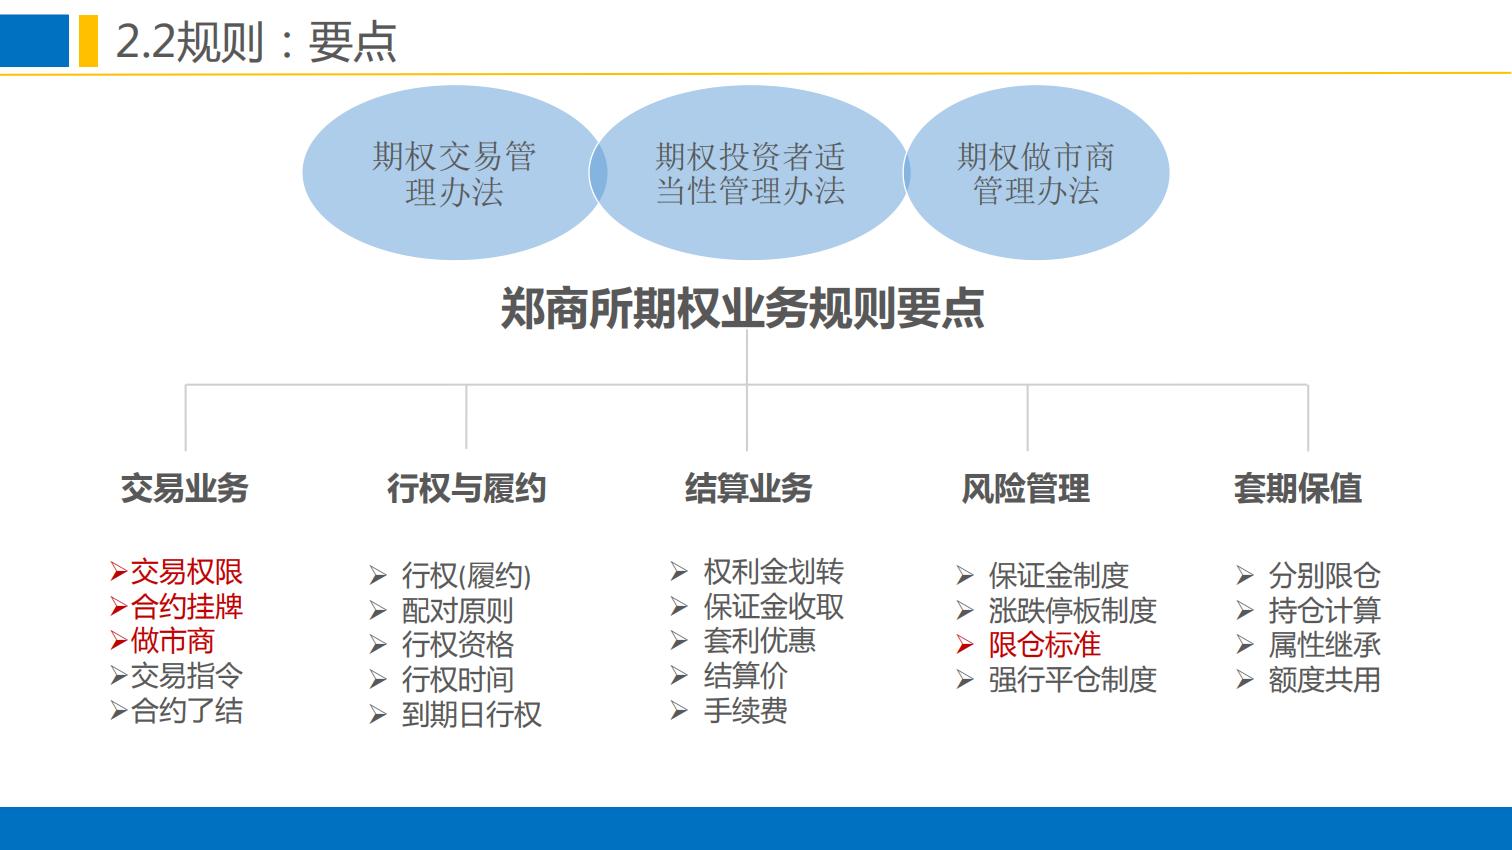 晨会:郑商所培训分享-棉花期权合约规则与上市工作安排0111.pdfx_16.png